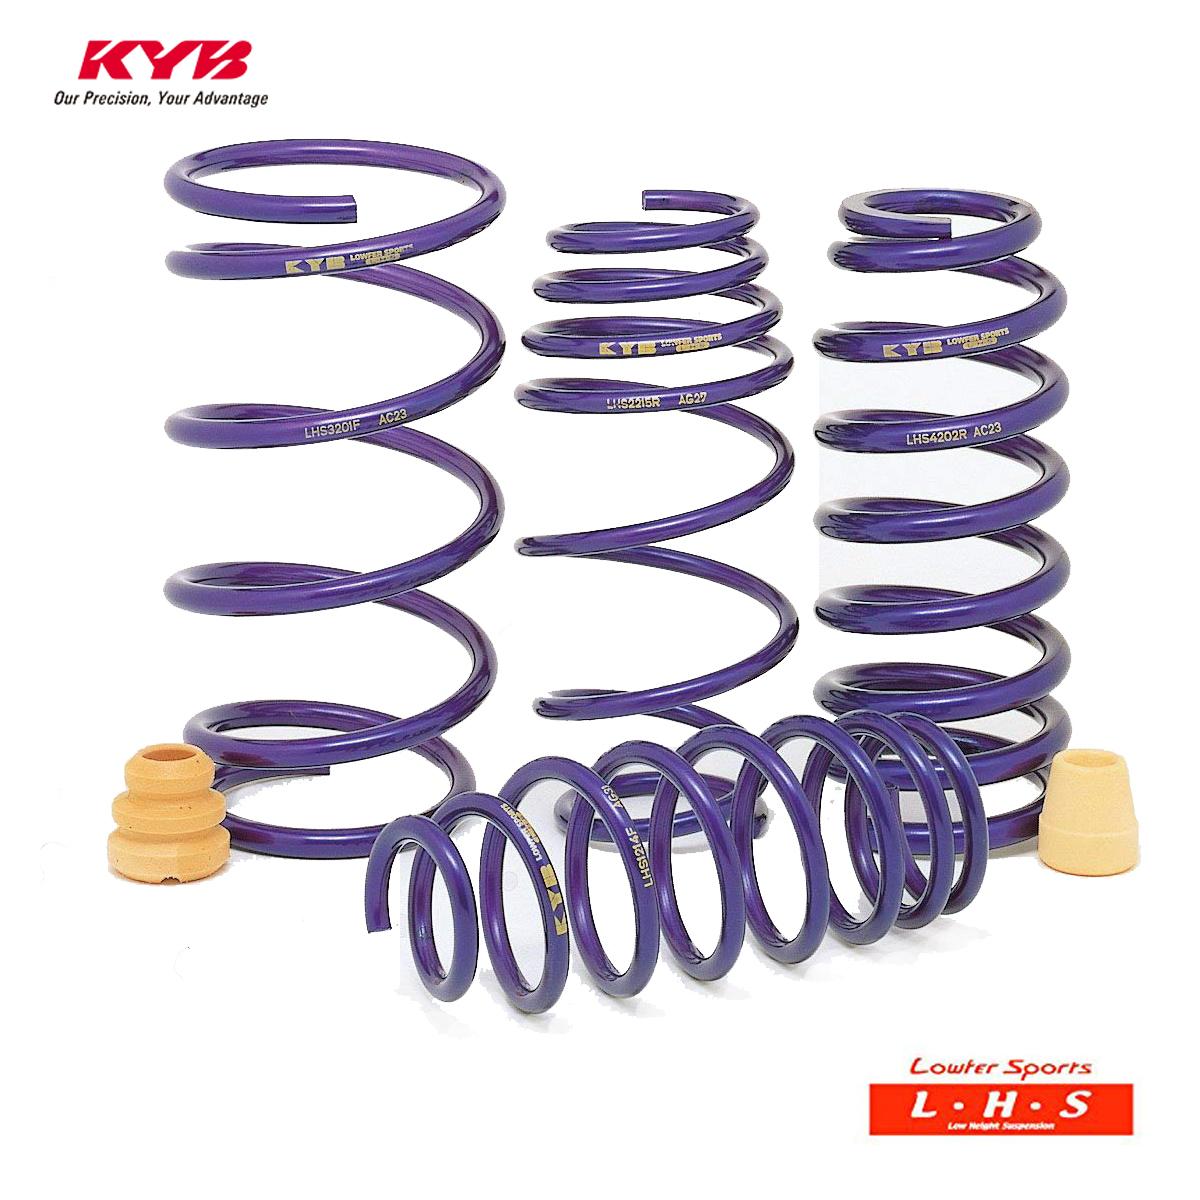 KYB カヤバ エスティマ MCR40W スプリング ダウンサス セット Lowfer Sports LHS-MCR40W 配送先条件有り